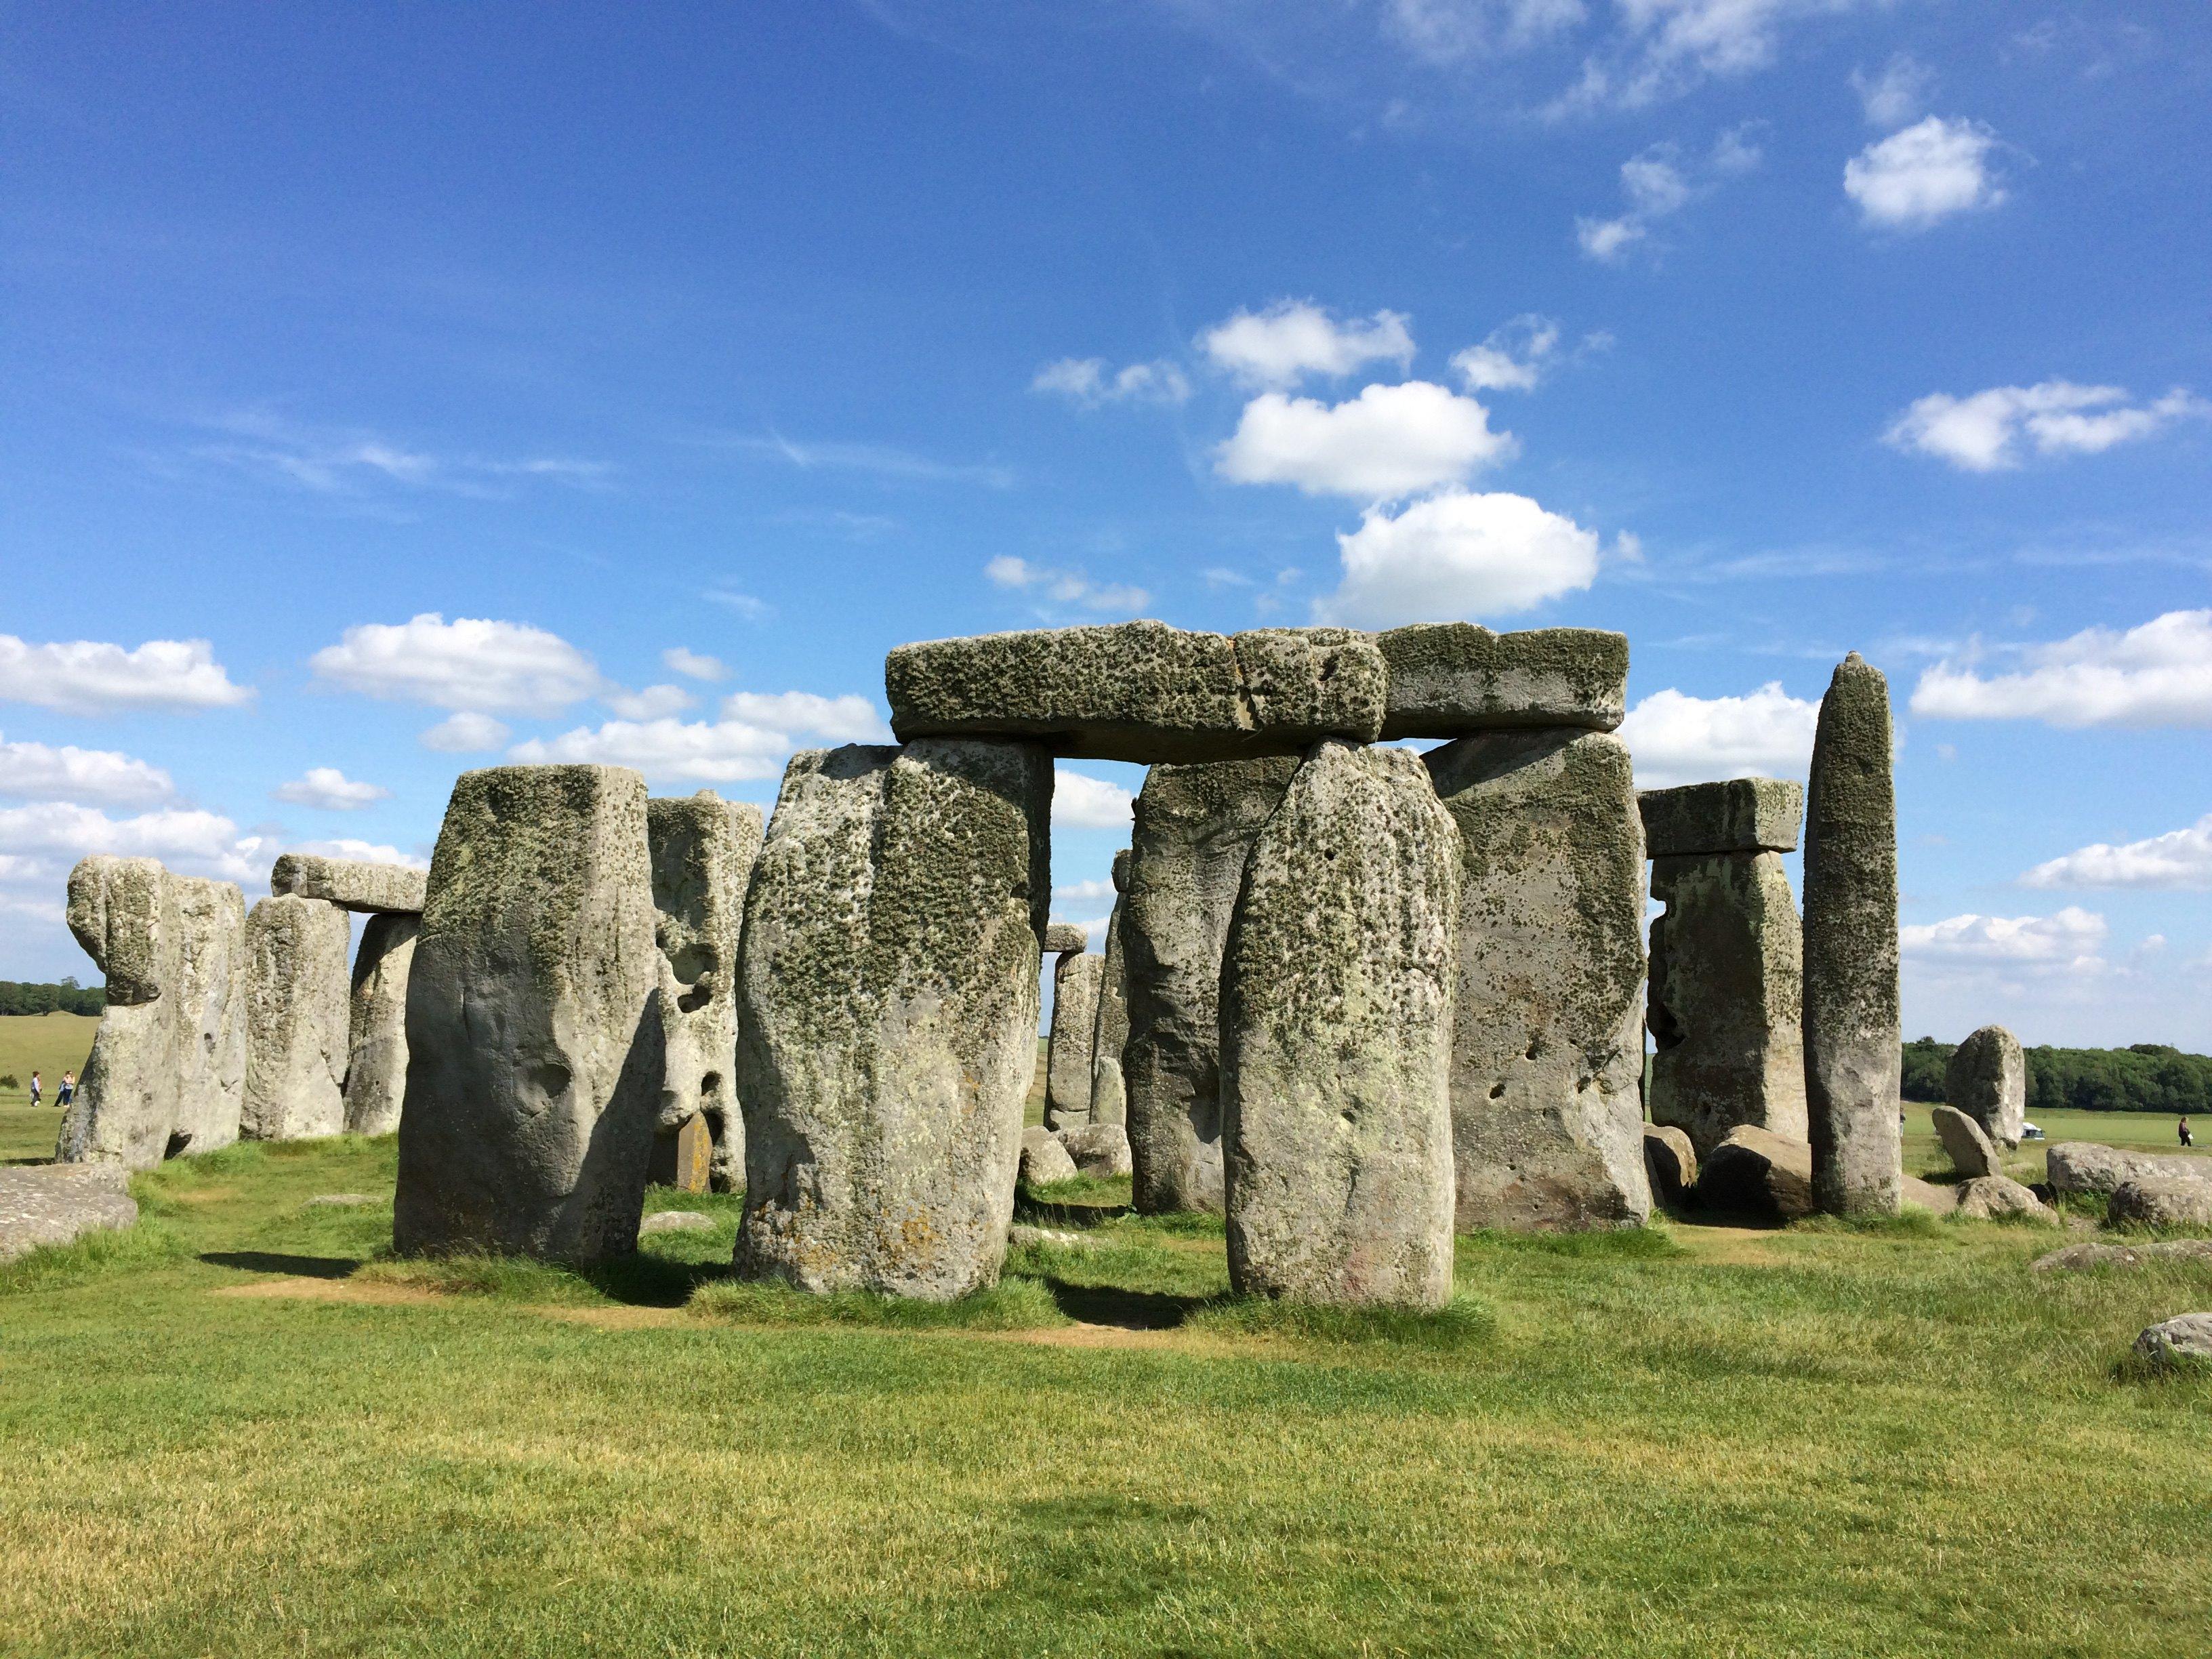 巨石阵是英国最早被列入联合国教科文组织世界遗产名录的景点之一,是大不列颠最著名的史前遗迹,举世闻名,但也是口碑最两极化的景点。喜欢的人会觉得这是一个很了不起的地方,一切都很棒;不喜欢的会觉得离开伦敦一个多小时来看几块平平无奇的石头,很没有意思。小土孩属于前者,而且是巨石阵的狂热分子,说不出什么理由,反正坚决要来这里。所以,我们放弃巴斯,放弃牛津,也要来这个神秘而震撼的巨石阵。       对于这个不来后悔、来了也后悔的史前遗